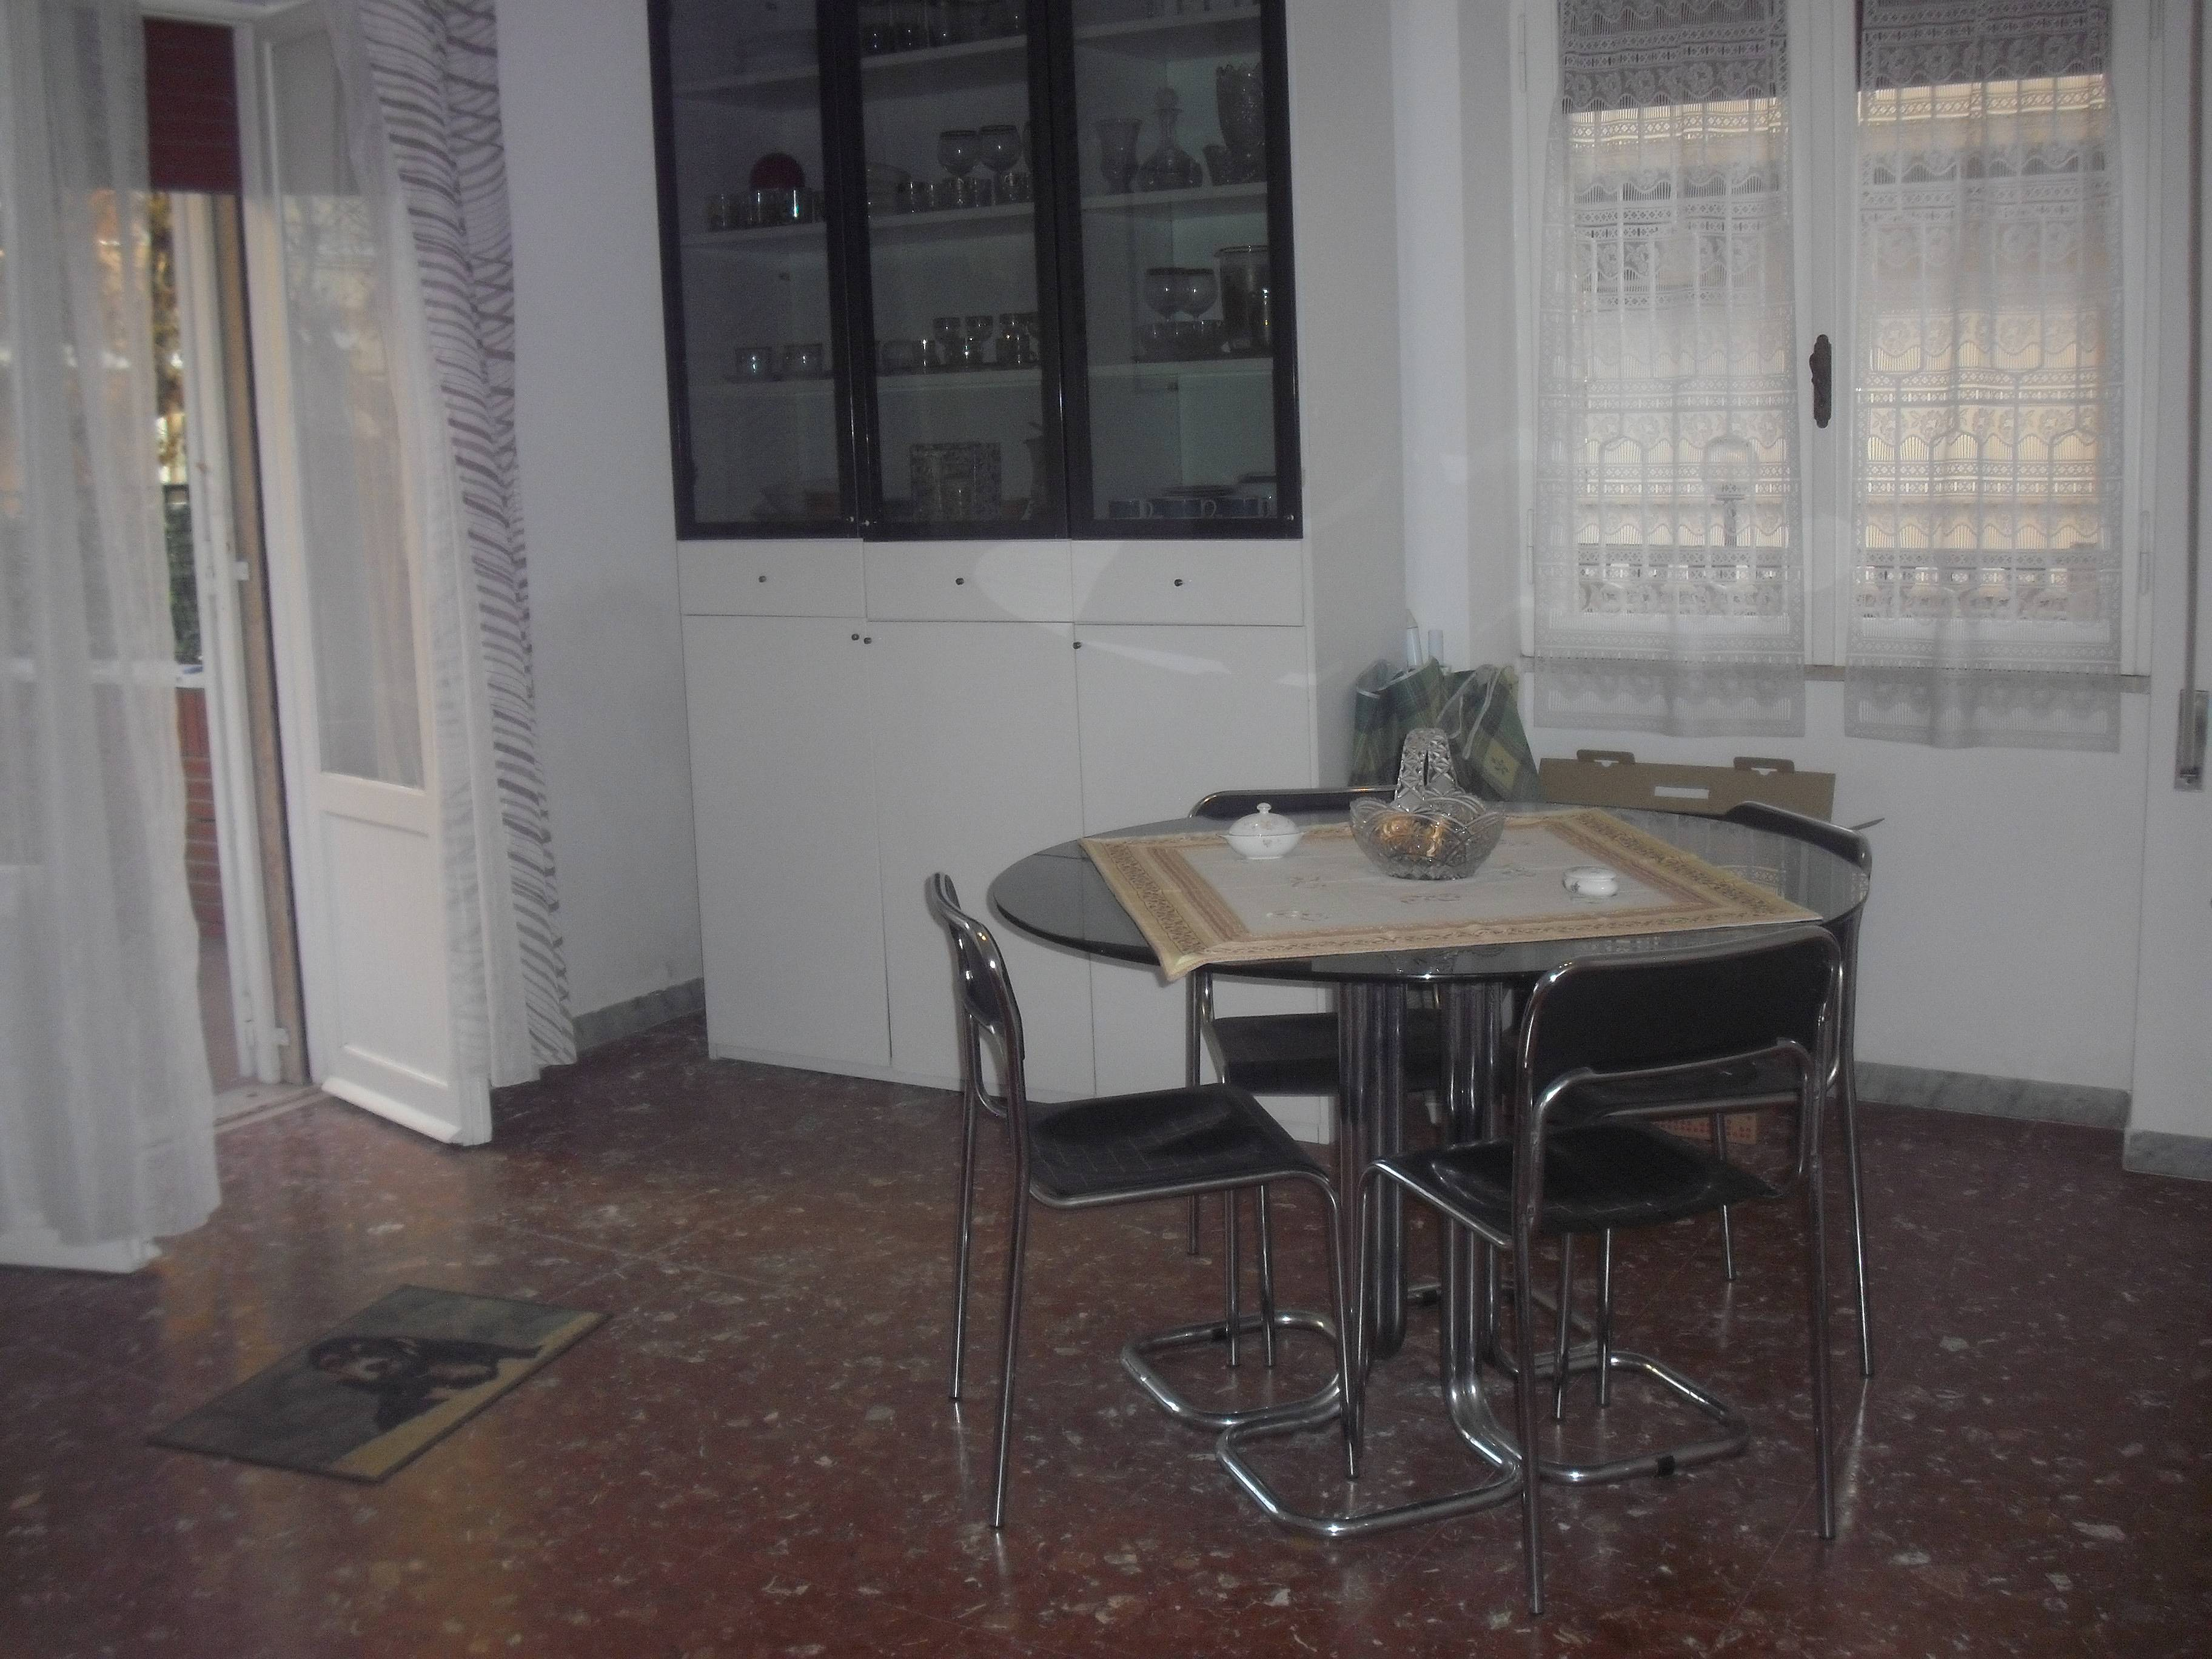 Affitti case vacanze ladispoli roma appartamenti case for Affitti temporanei appartamenti roma